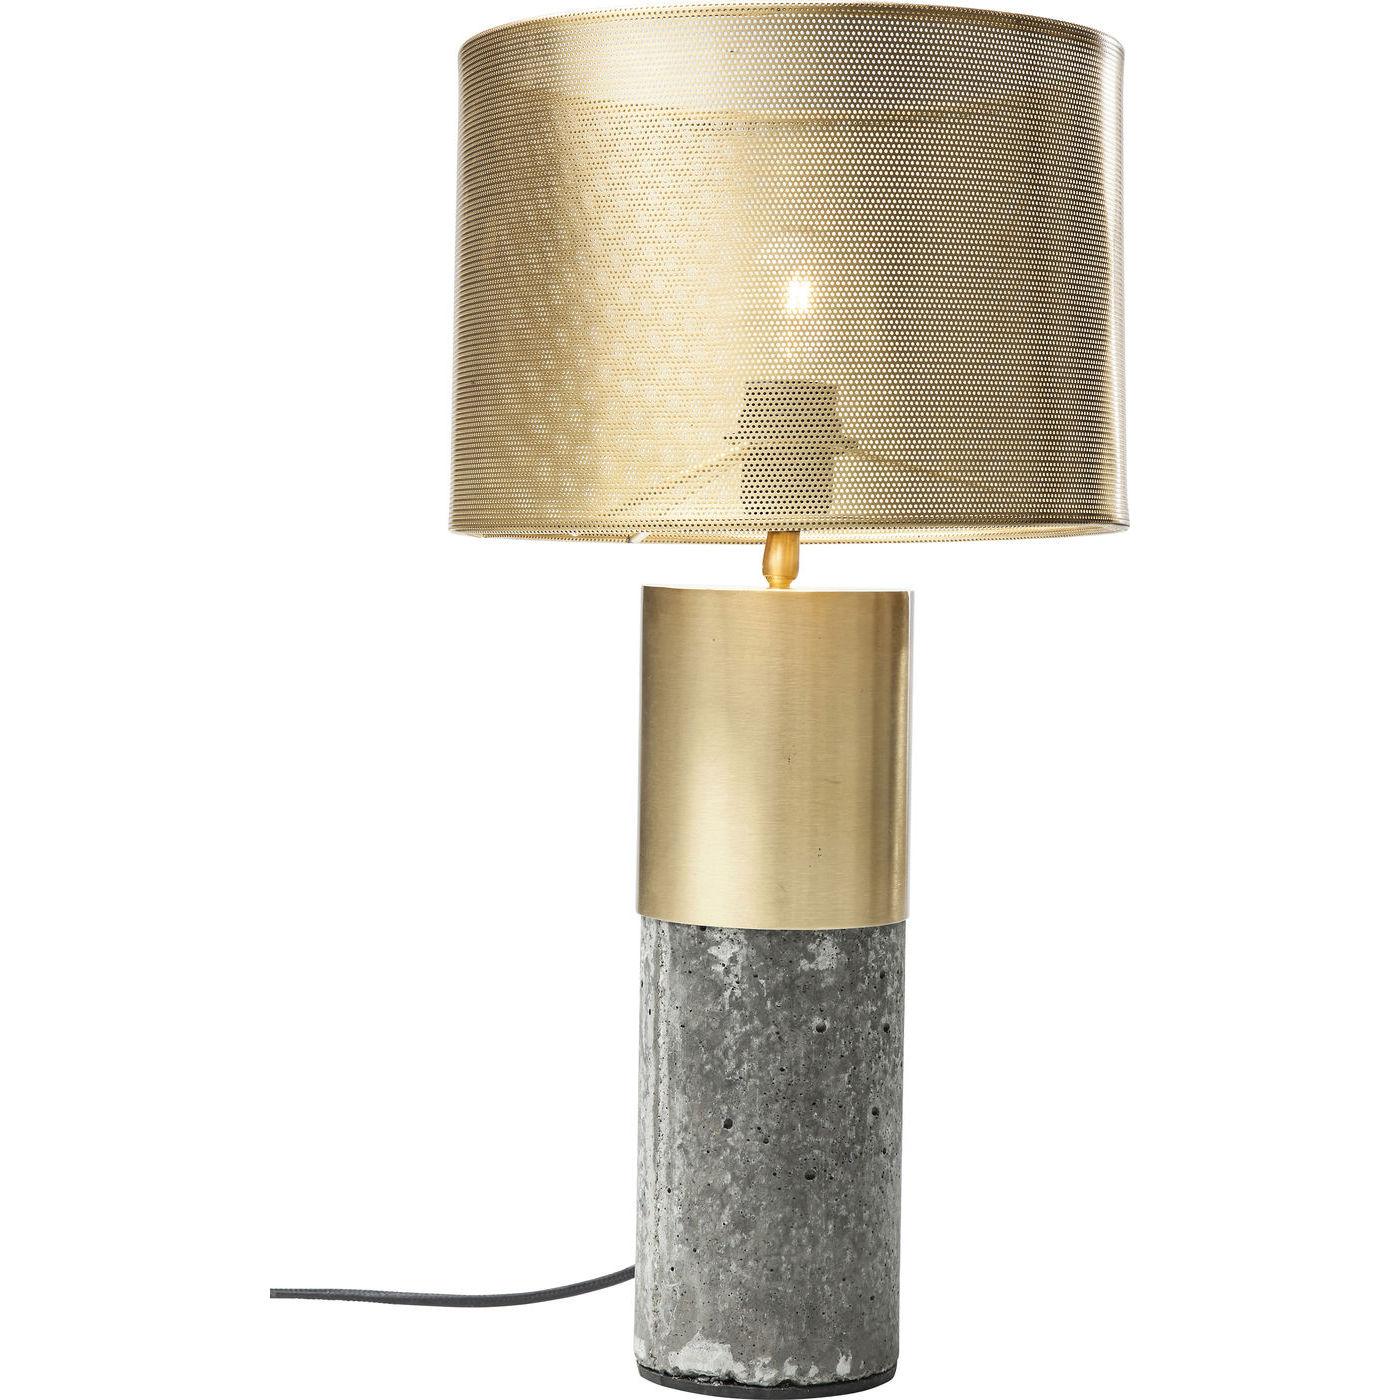 Billede af Kare Design Bordlampe, Art Miami Gold